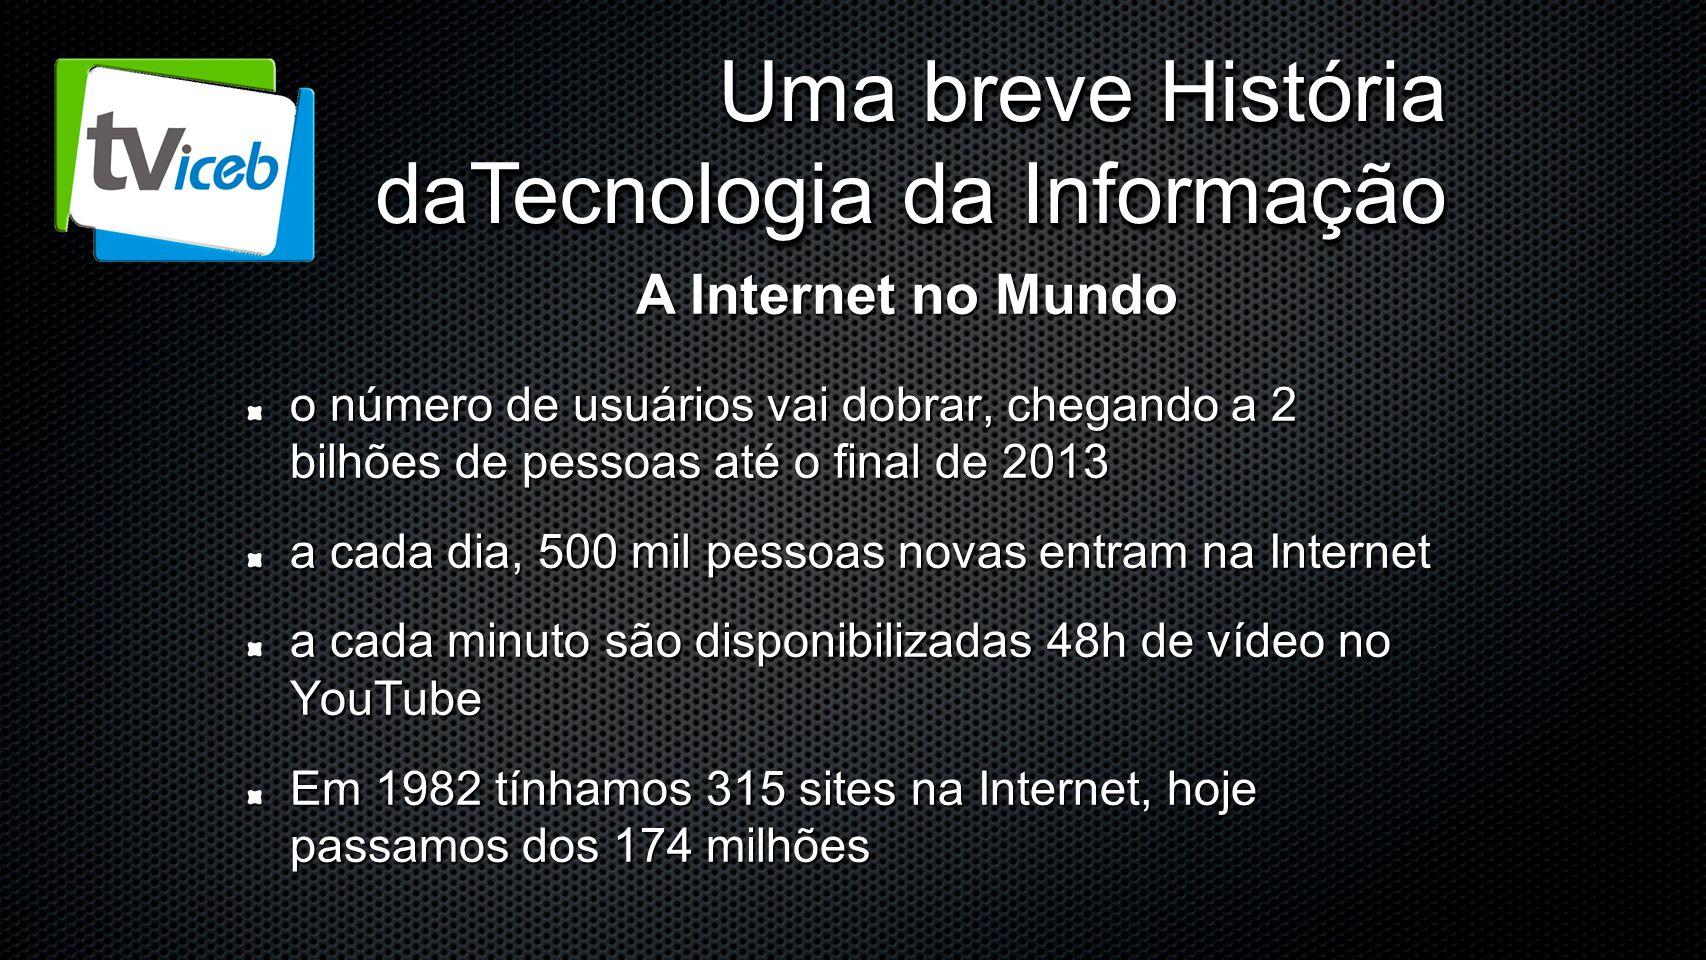 Uma breve História daTecnologia da Informação o número de usuários vai dobrar, chegando a 2 bilhões de pessoas até o final de 2013 a cada dia, 500 mil